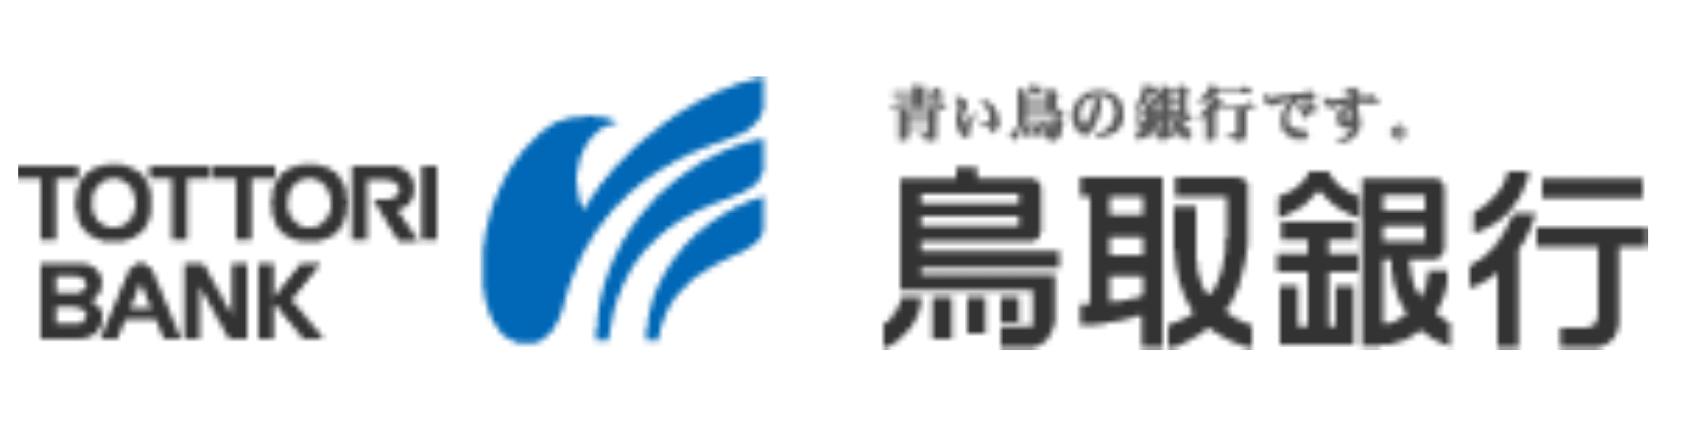 鳥取銀行の年末年始の営業日や営業時間・ATM手数料